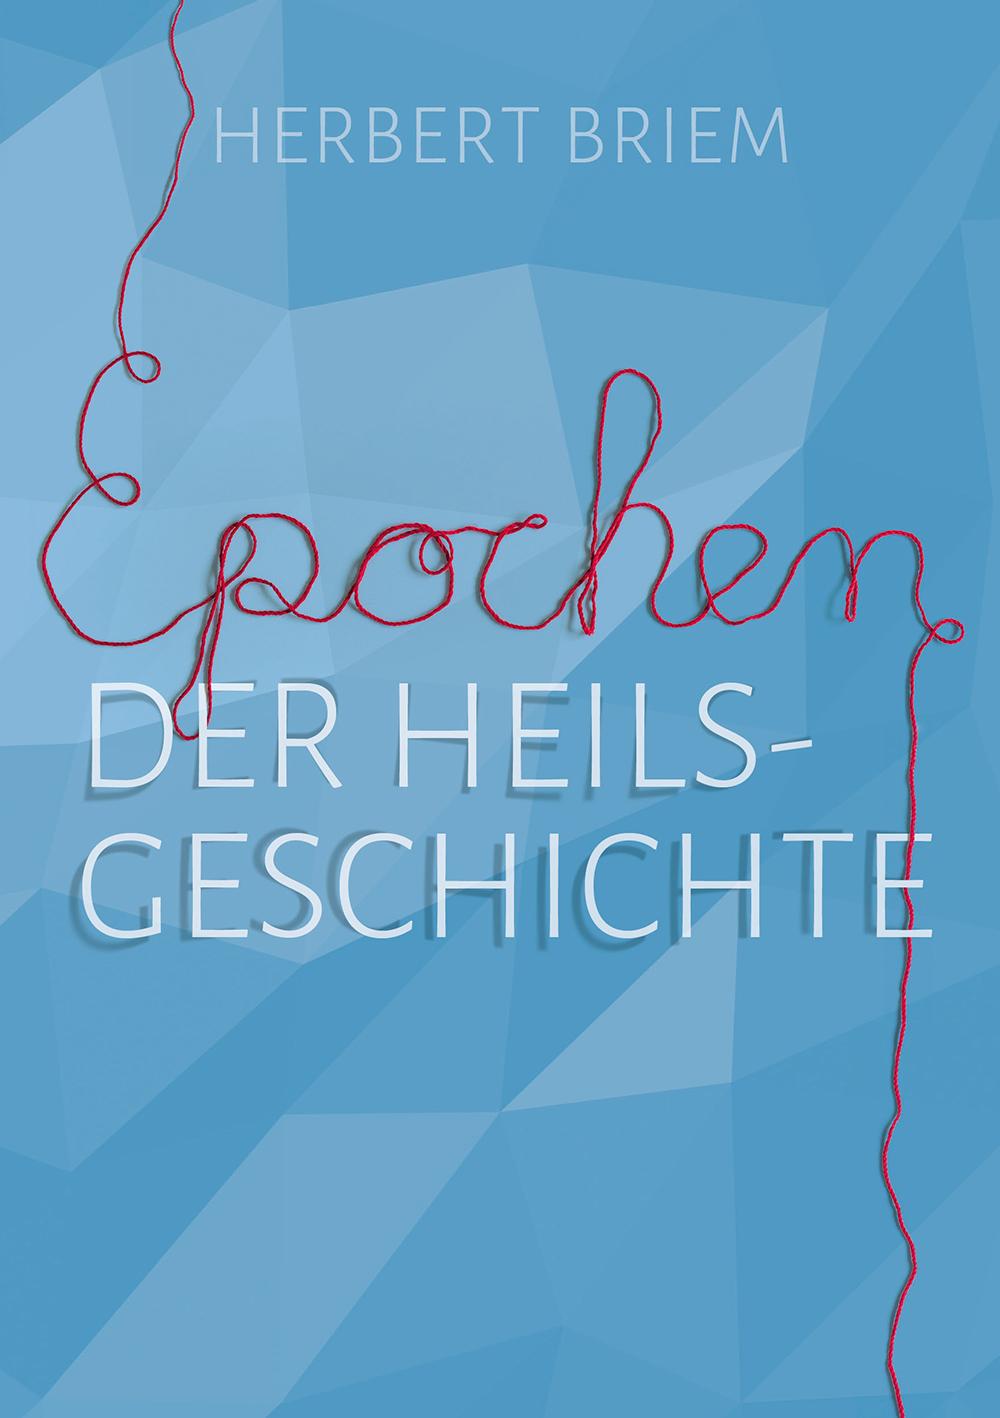 CLV_epochen-der-heilsgeschichte_herbert-briem_256262_1